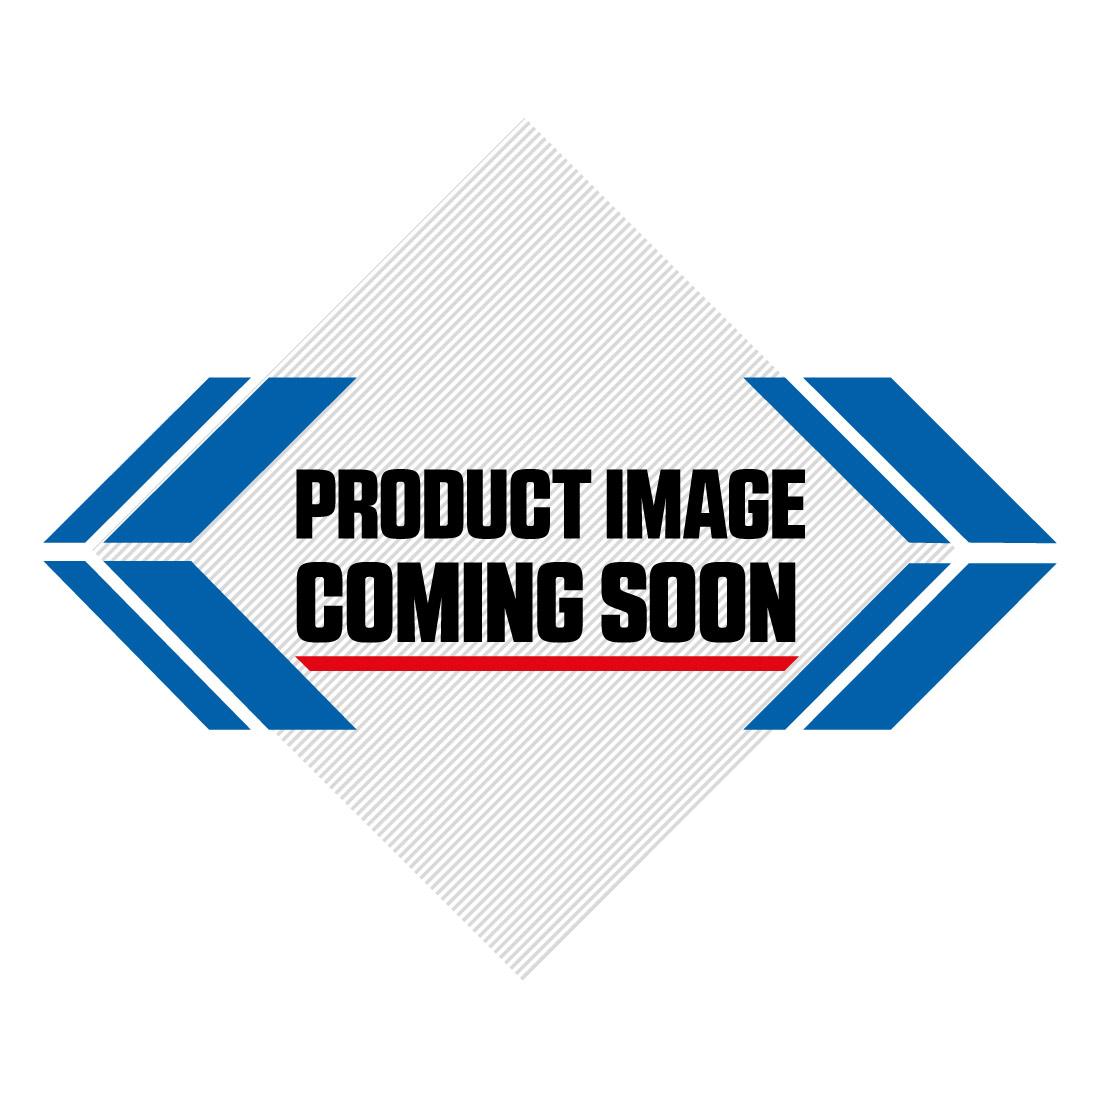 UFO KTM Plastic Kit SX 125 150 250 SXF 250 350 450 (16-18) Black Image-3>